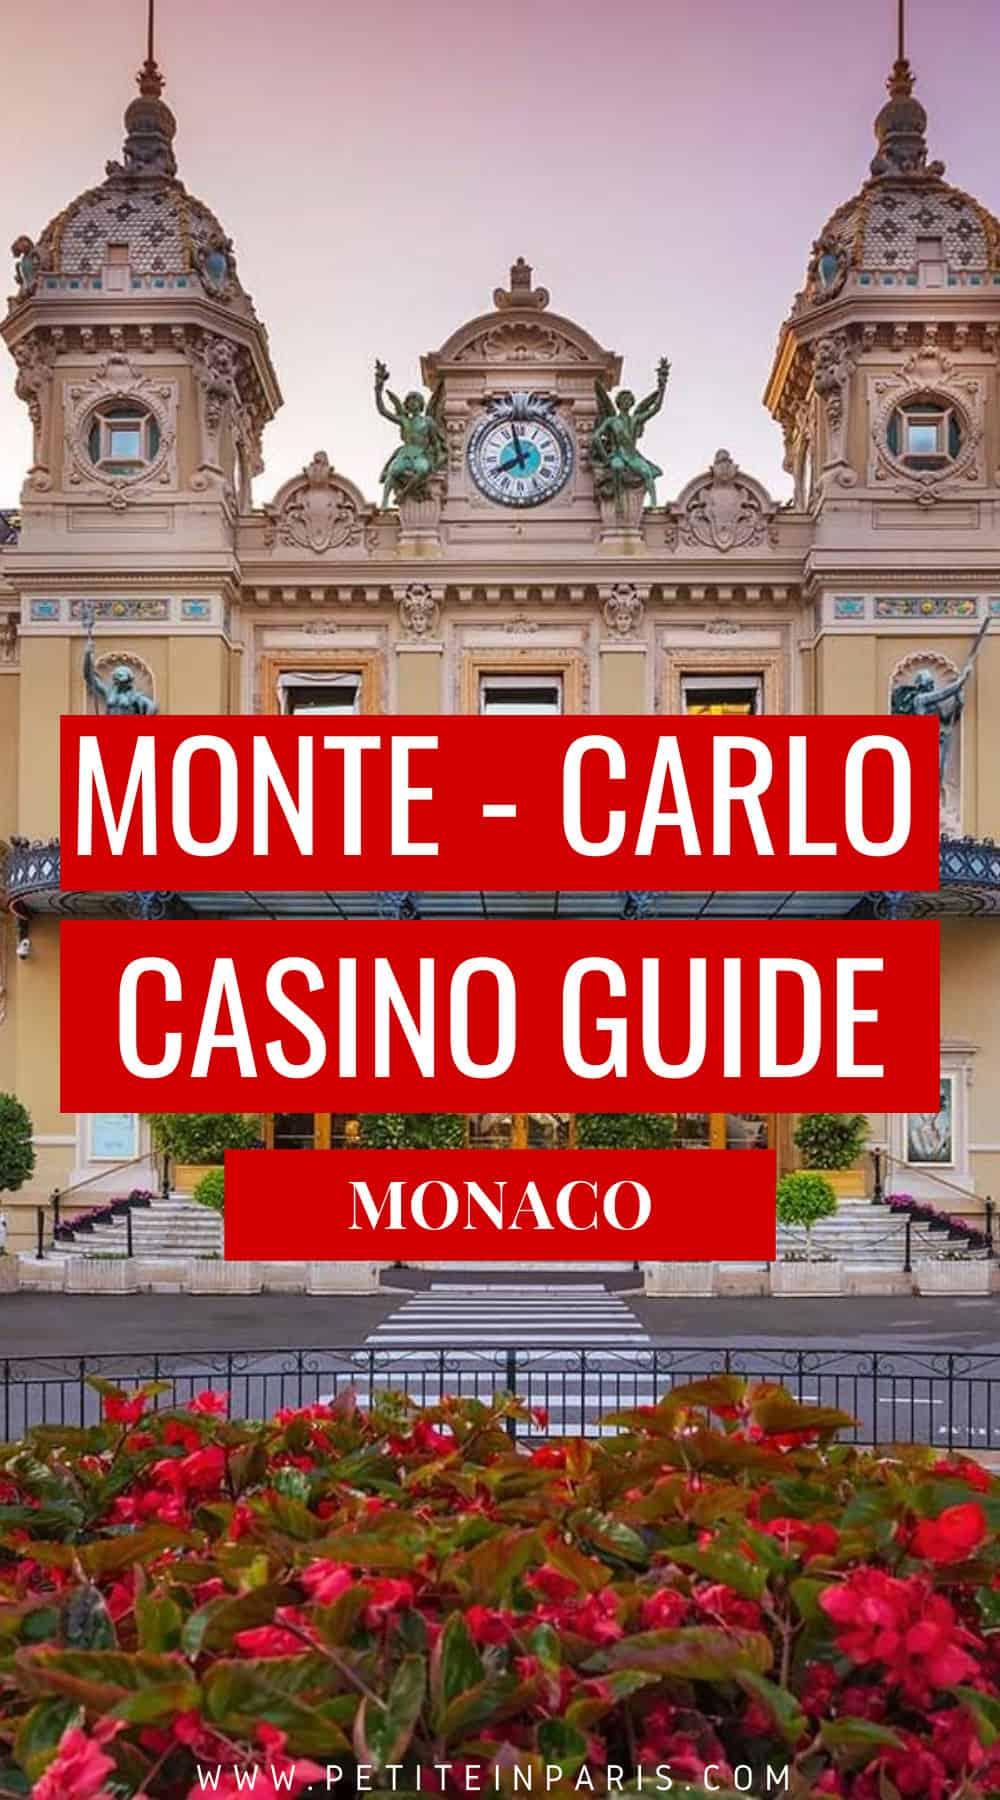 Monte carlo casino guide